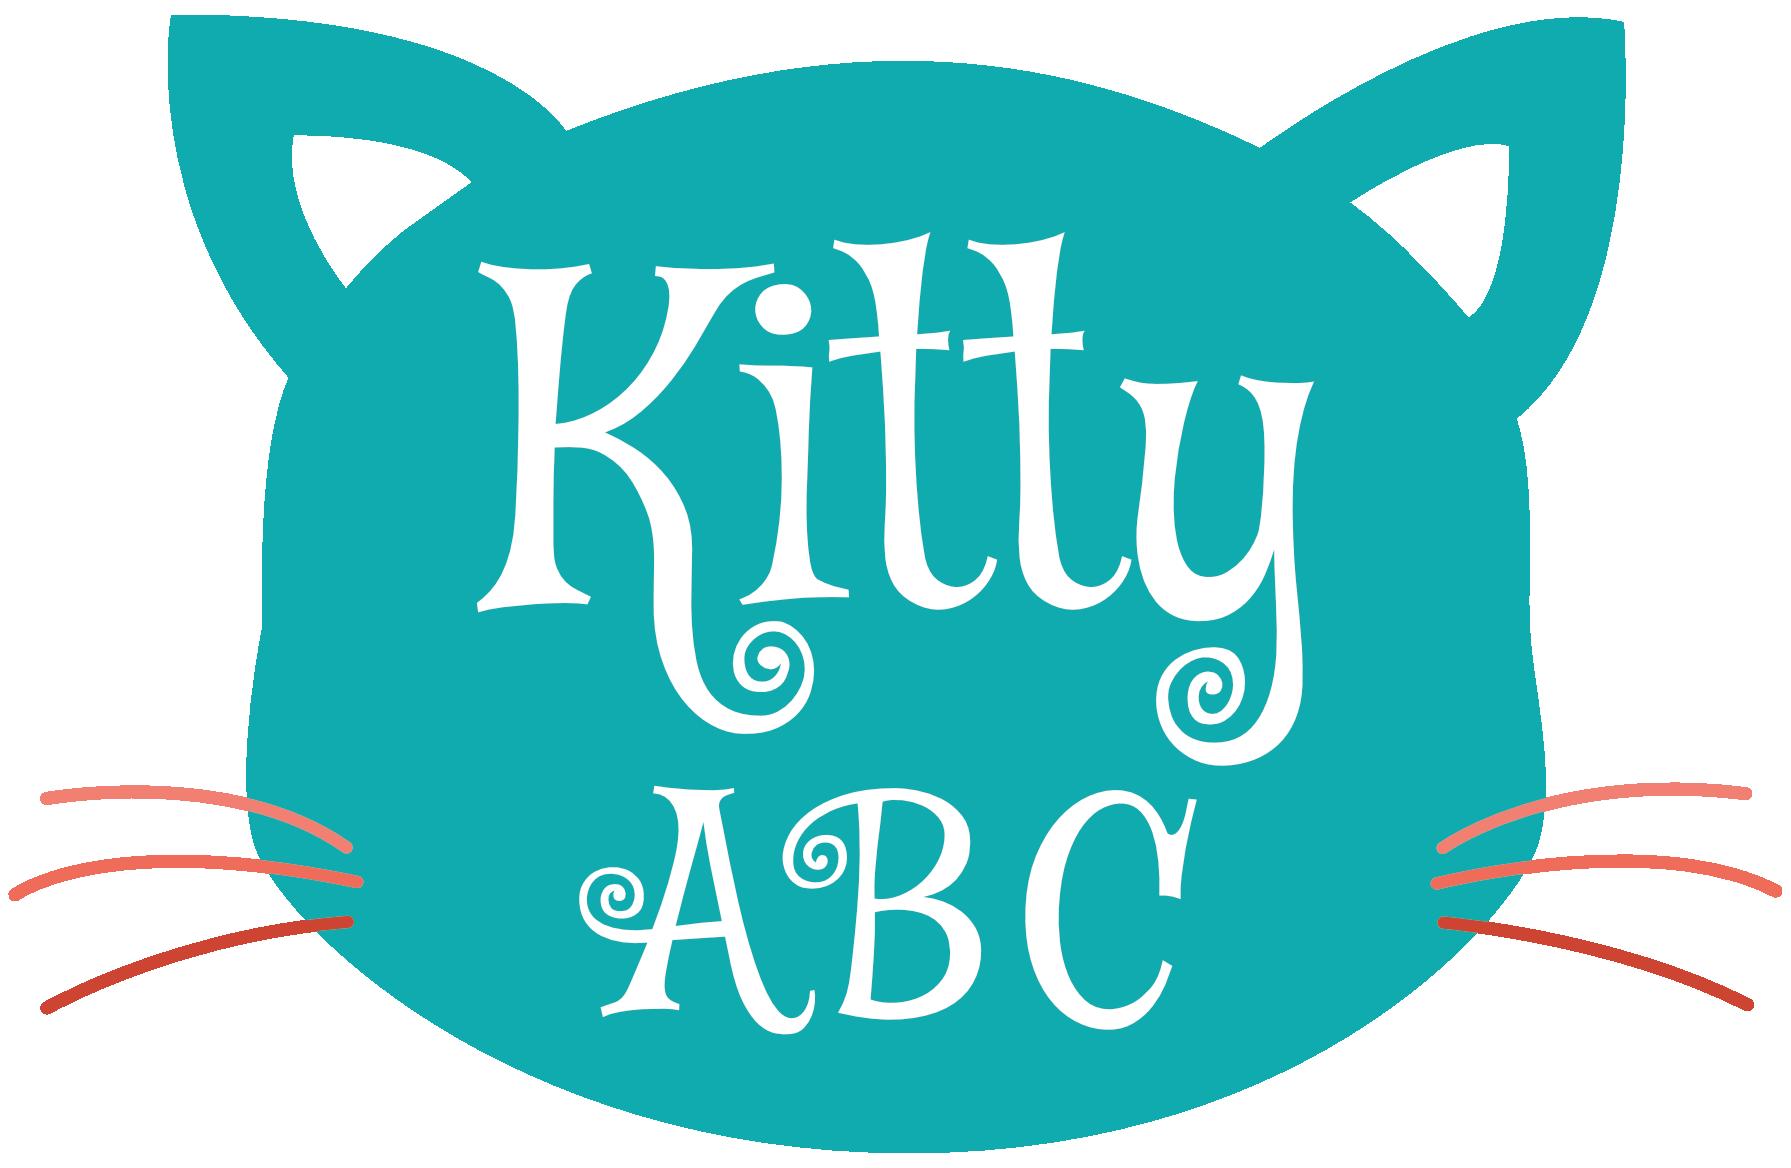 KittyABC